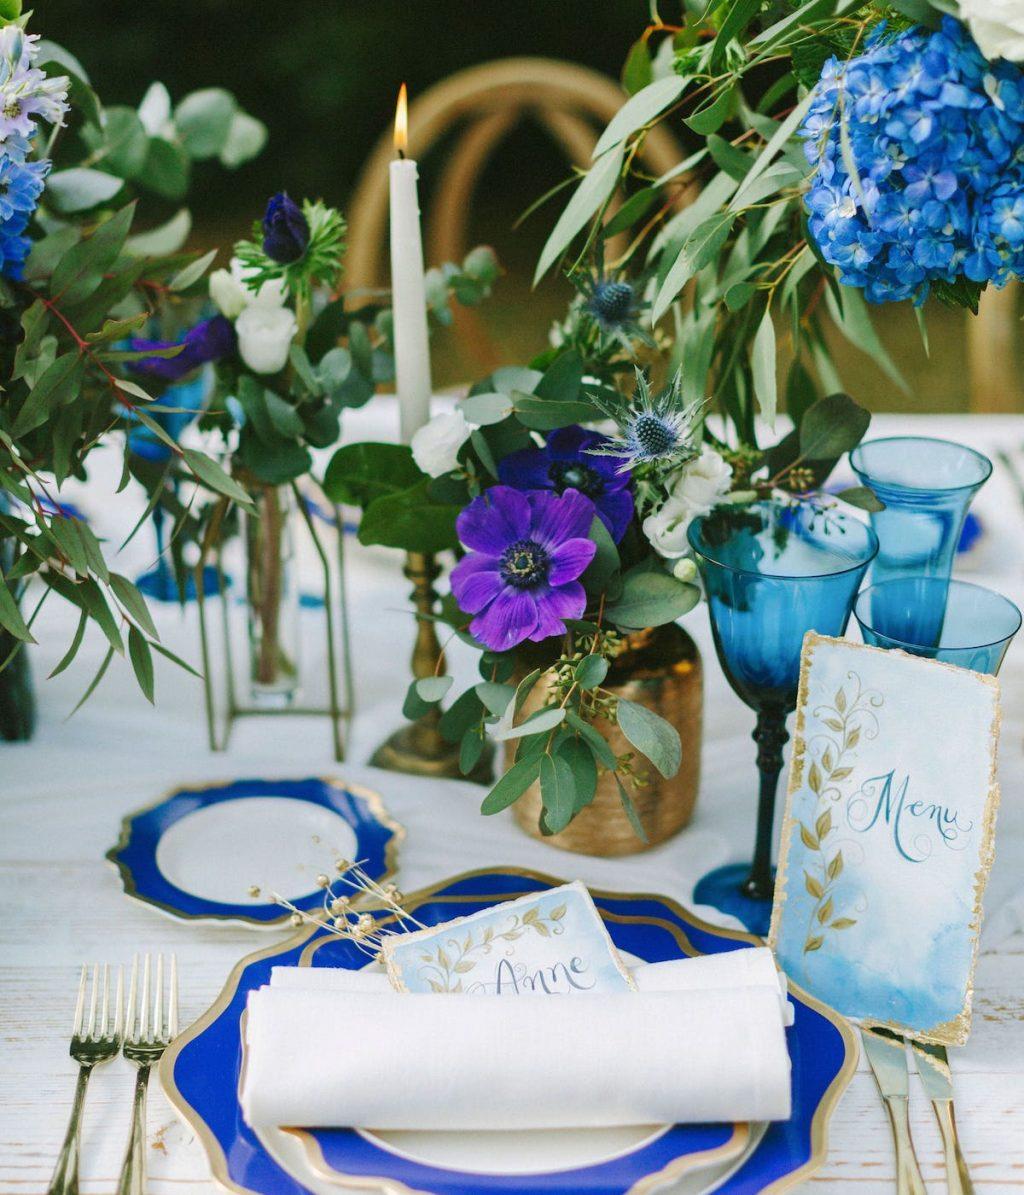 decoración para montaje de mesa de bodas en mallorca